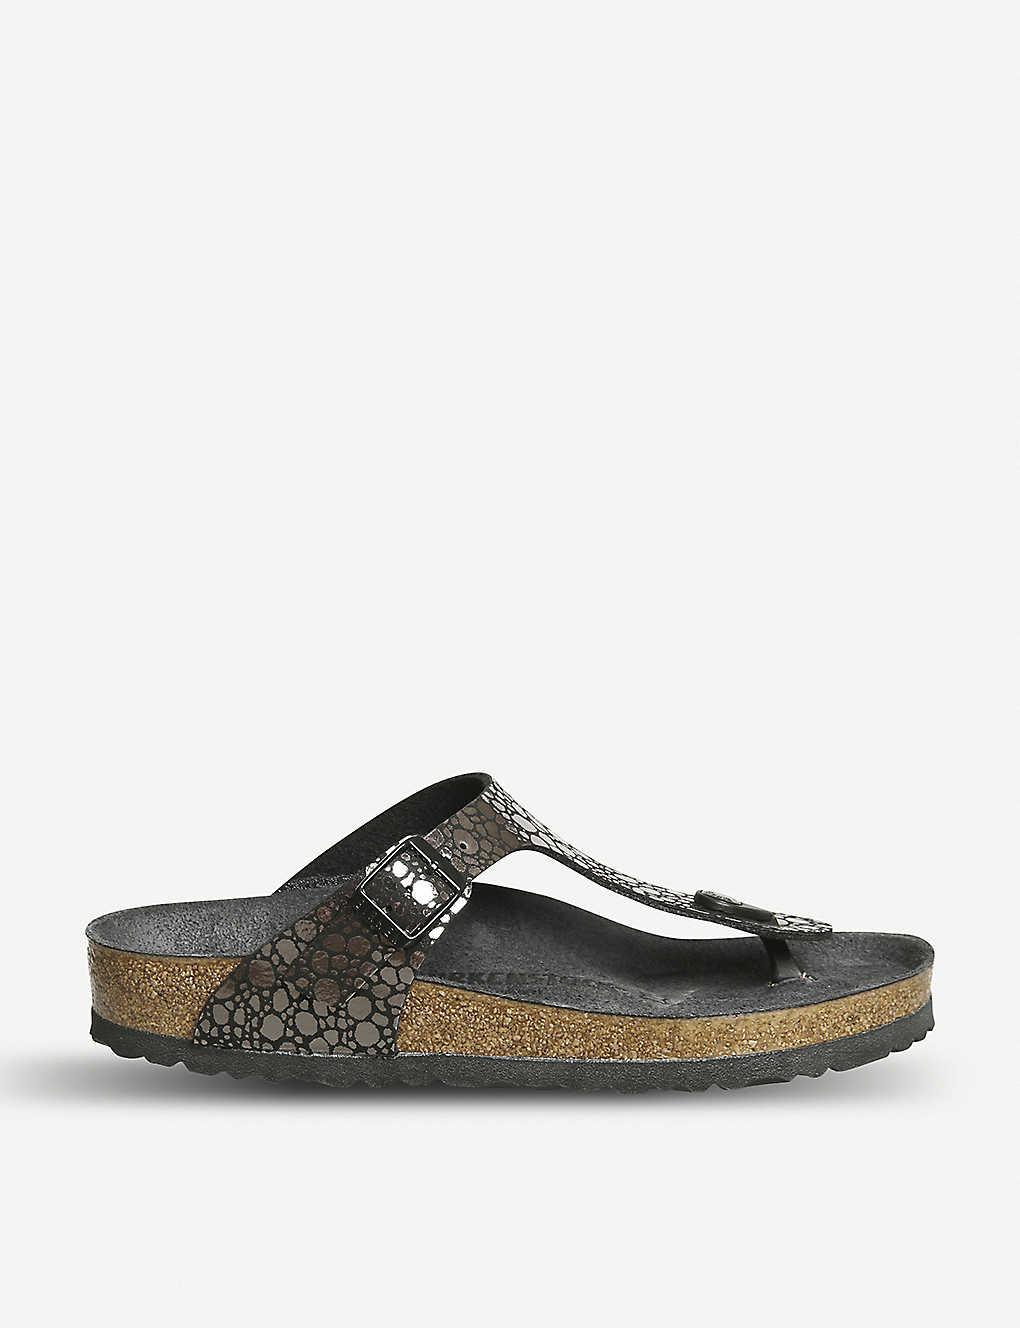 86728364c1688 BIRKENSTOCK - Gizeh metallic sandals